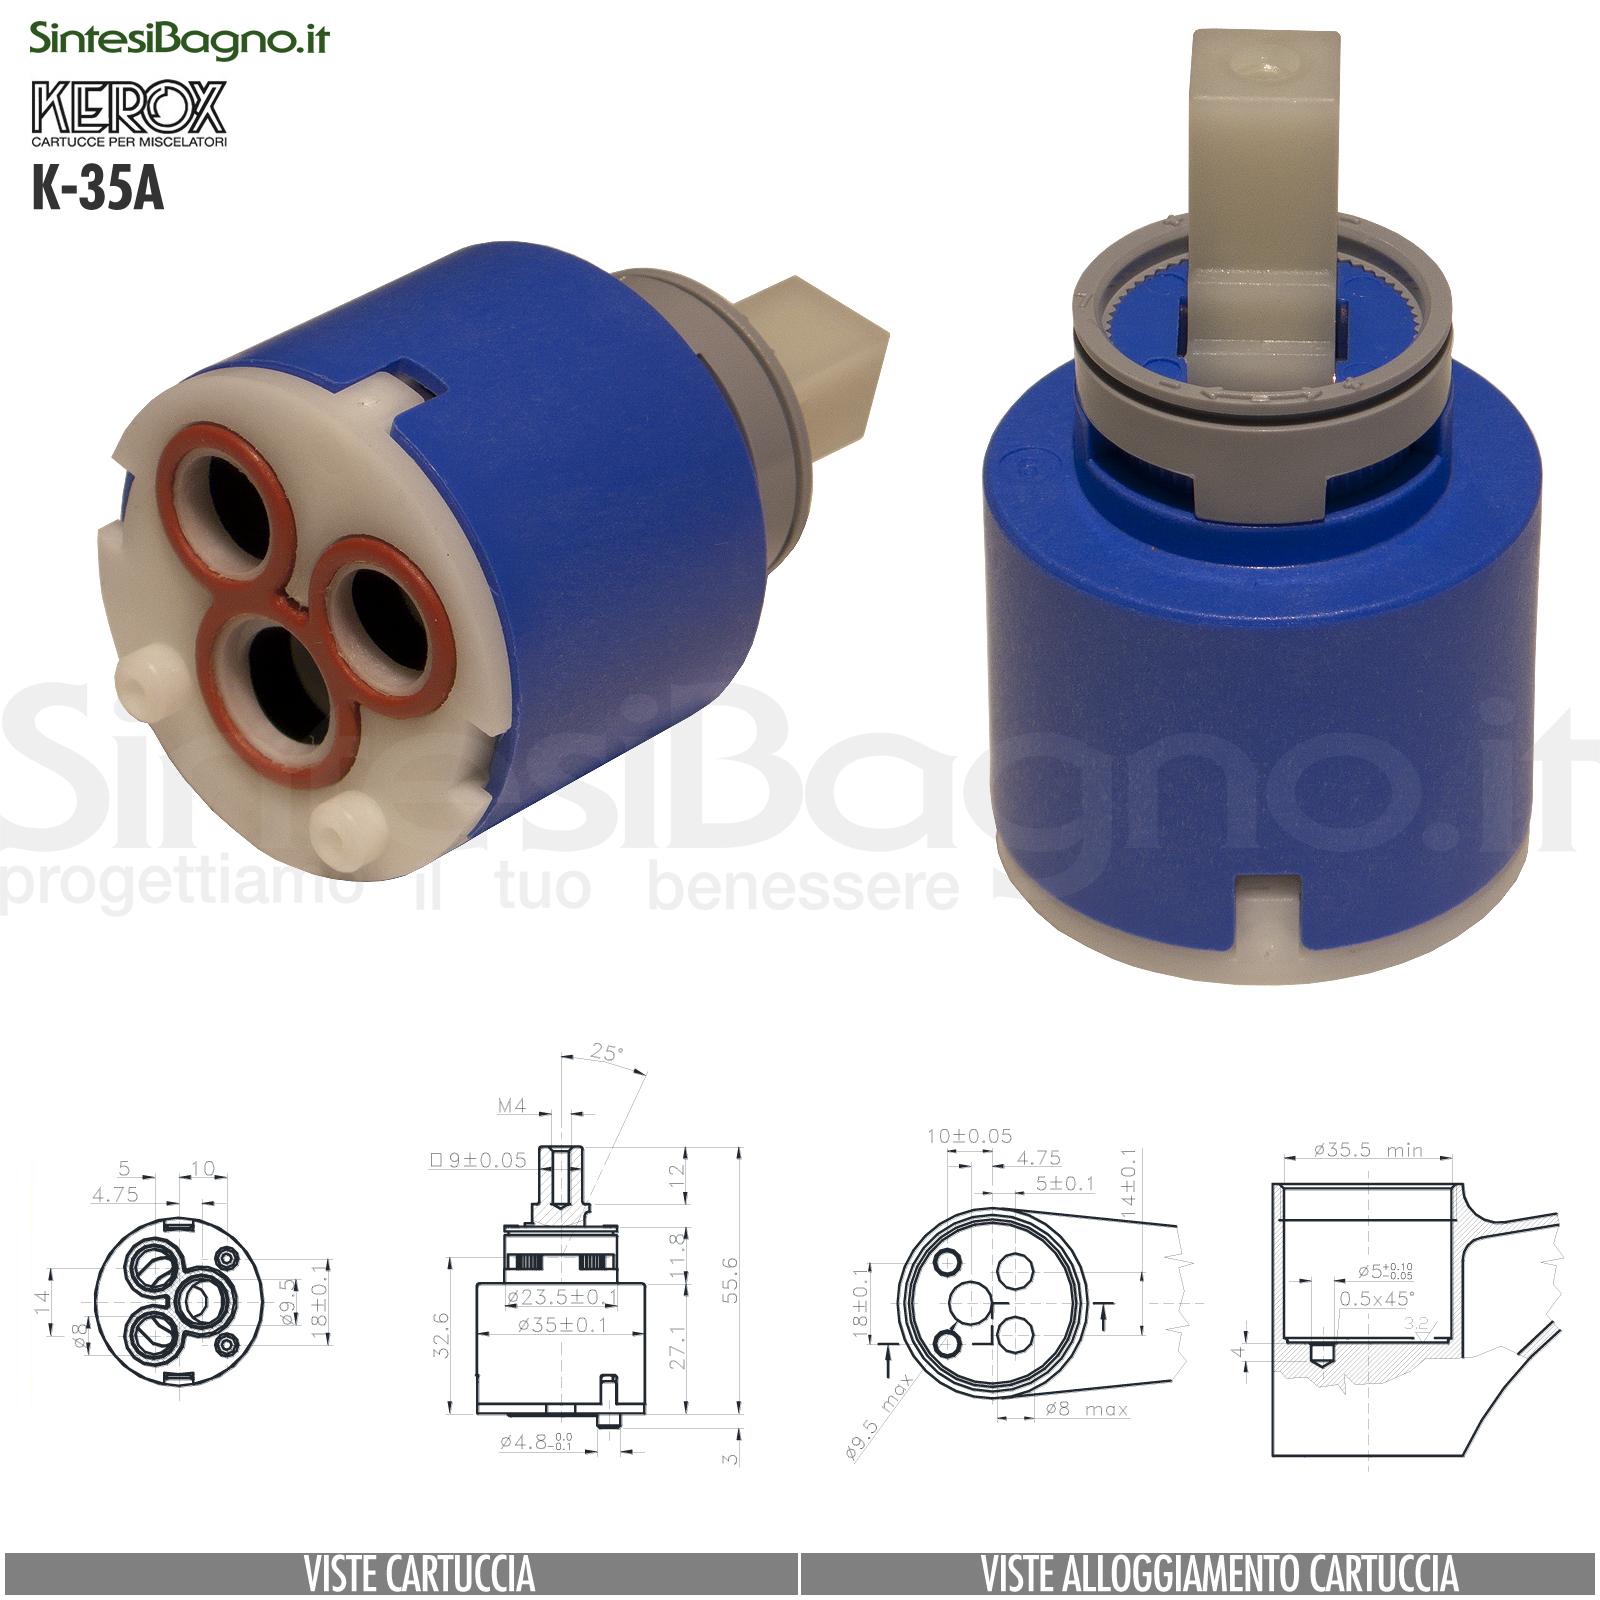 K35A-cartuccia-di-ricambio-KEROX-a-dischi-ceramici-per-miscelatore-monocomando-modello-K-35A